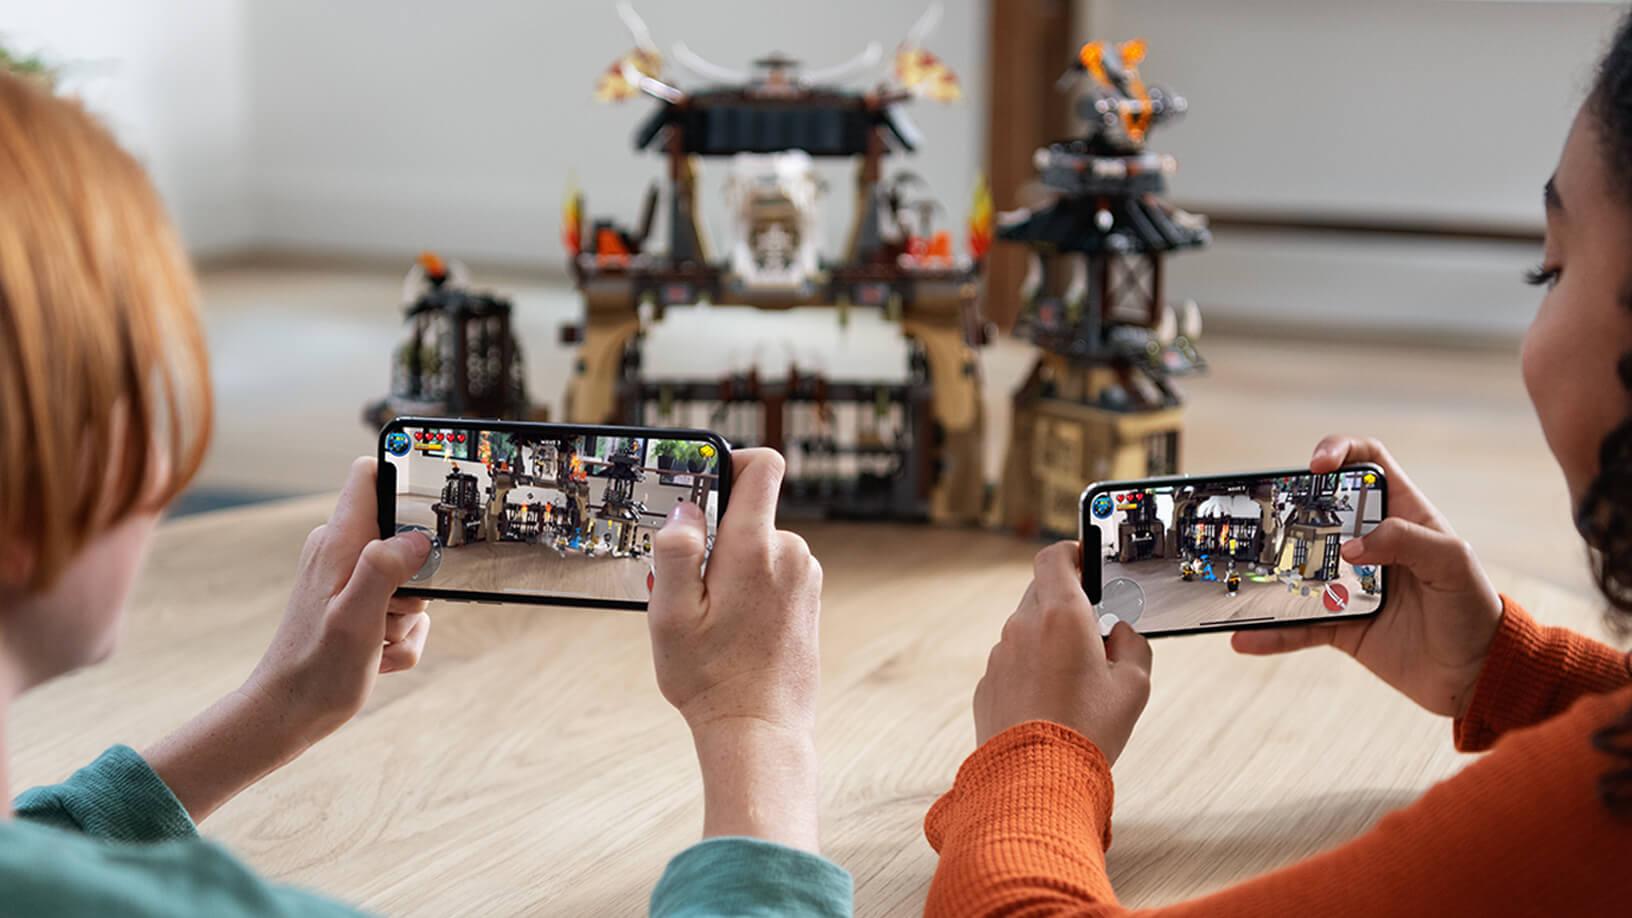 Ios12 iphonexs ar lego 09172018